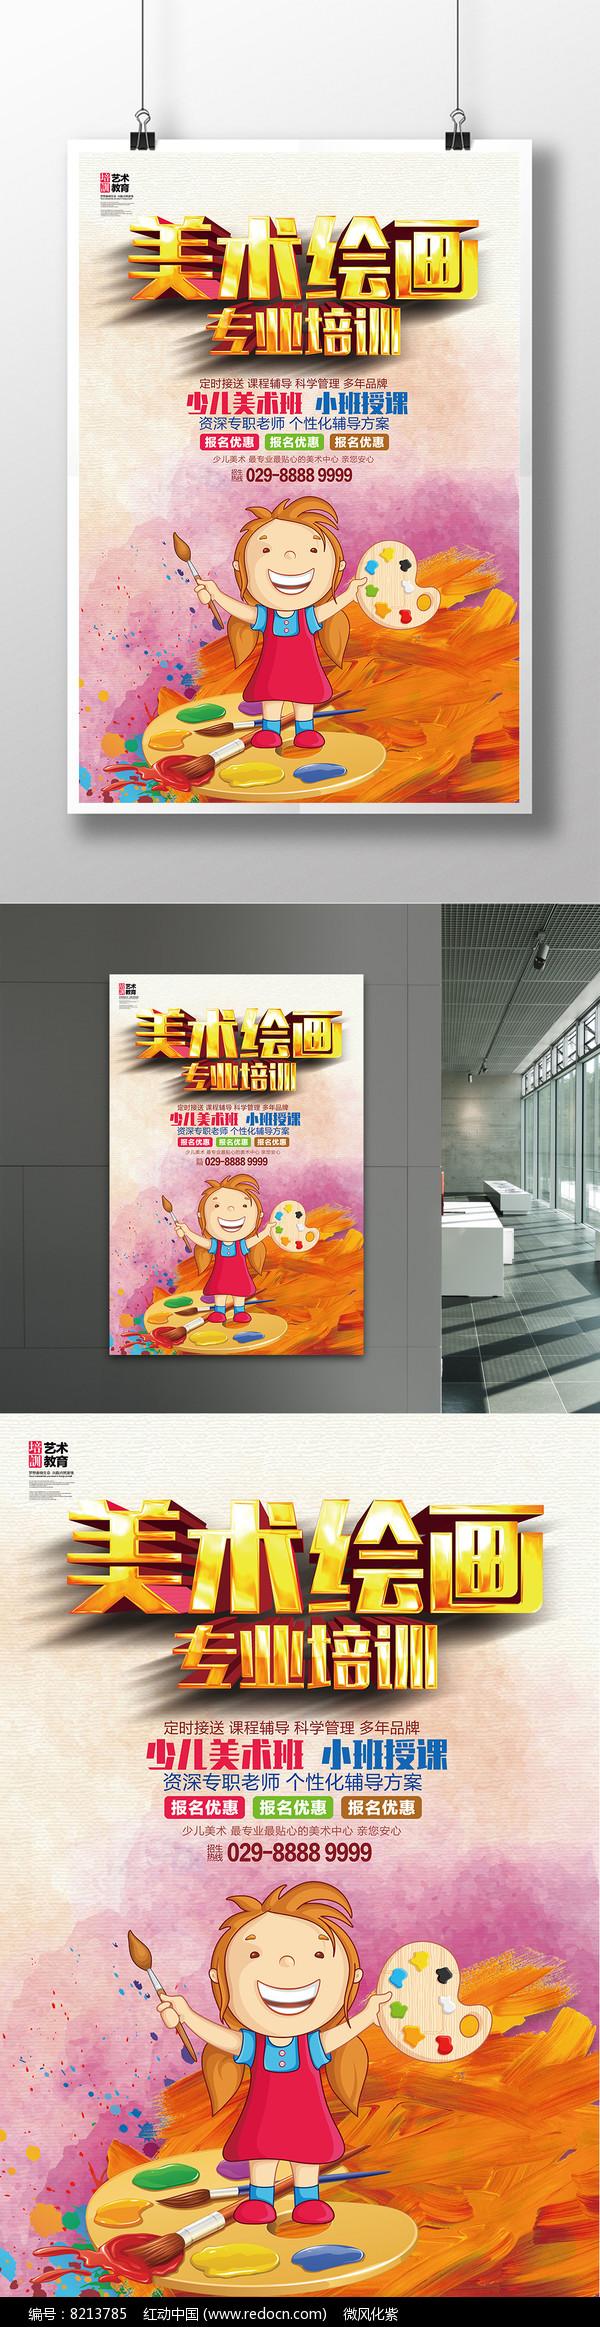 美术班绘画班儿童美术招生海报图片